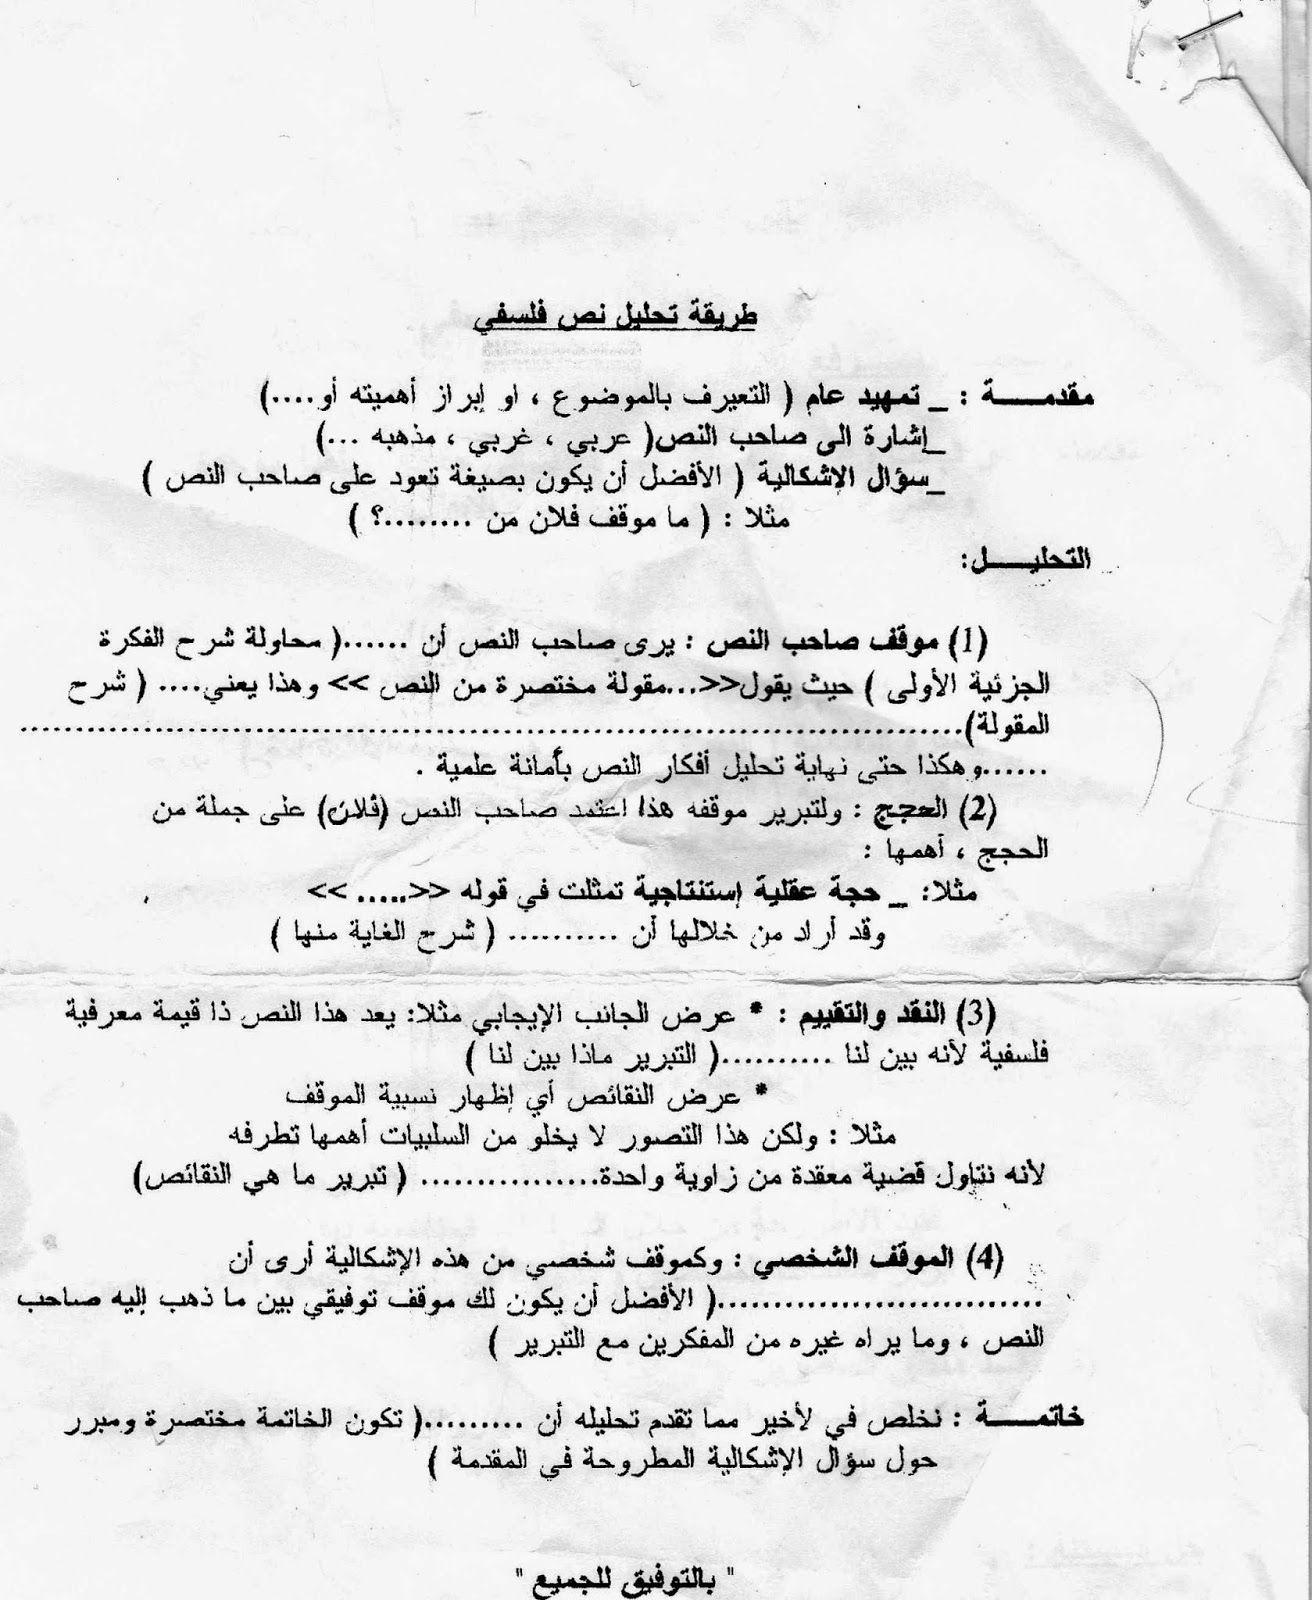 الفلــسفة الهاجس منتديات الجلفة لكل الجزائريين و العرب